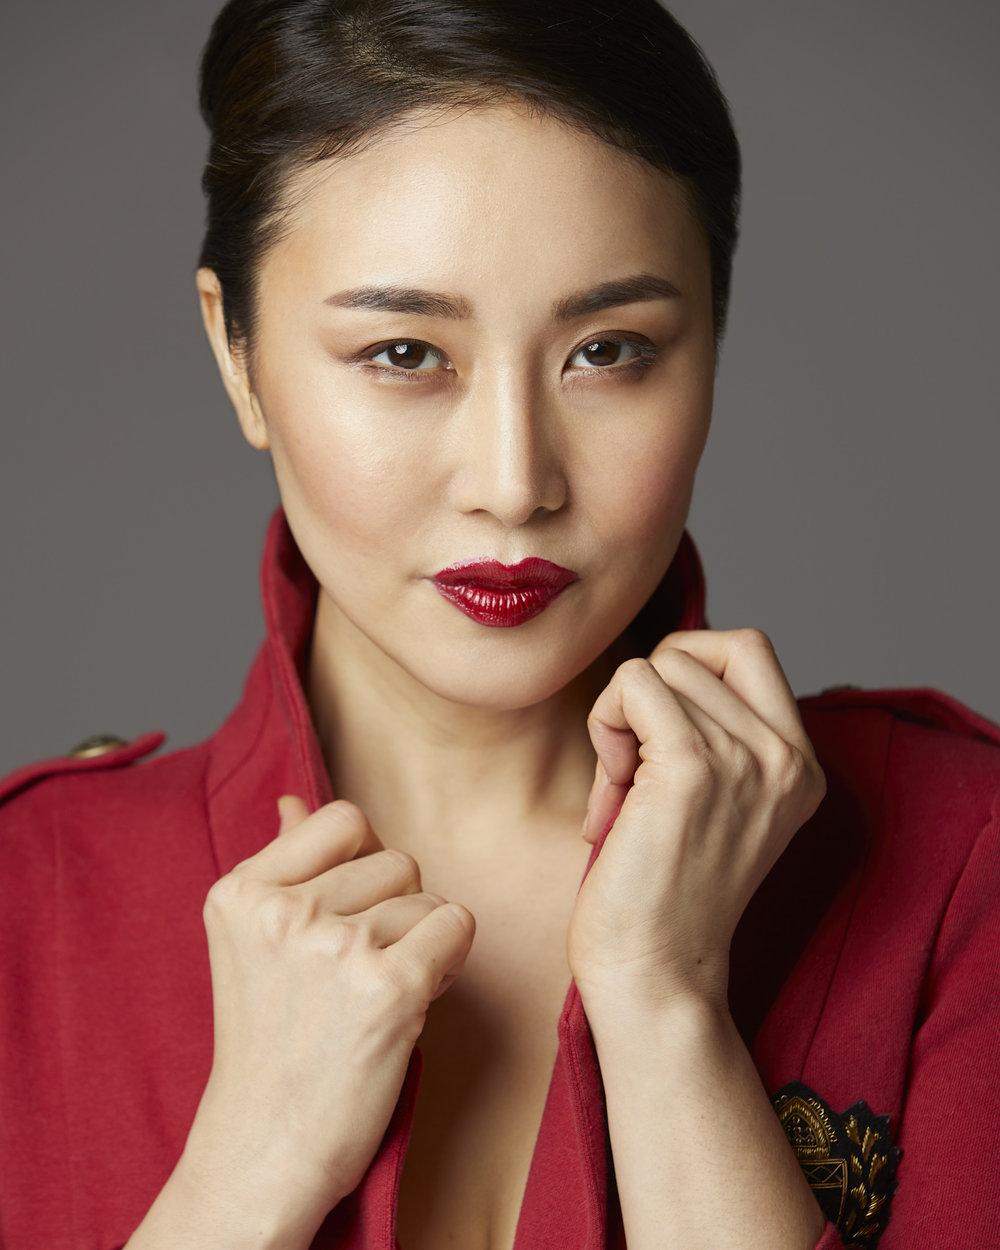 Eunni Cho_2018-04-25_0429_2048px_AdobeRGB.jpg